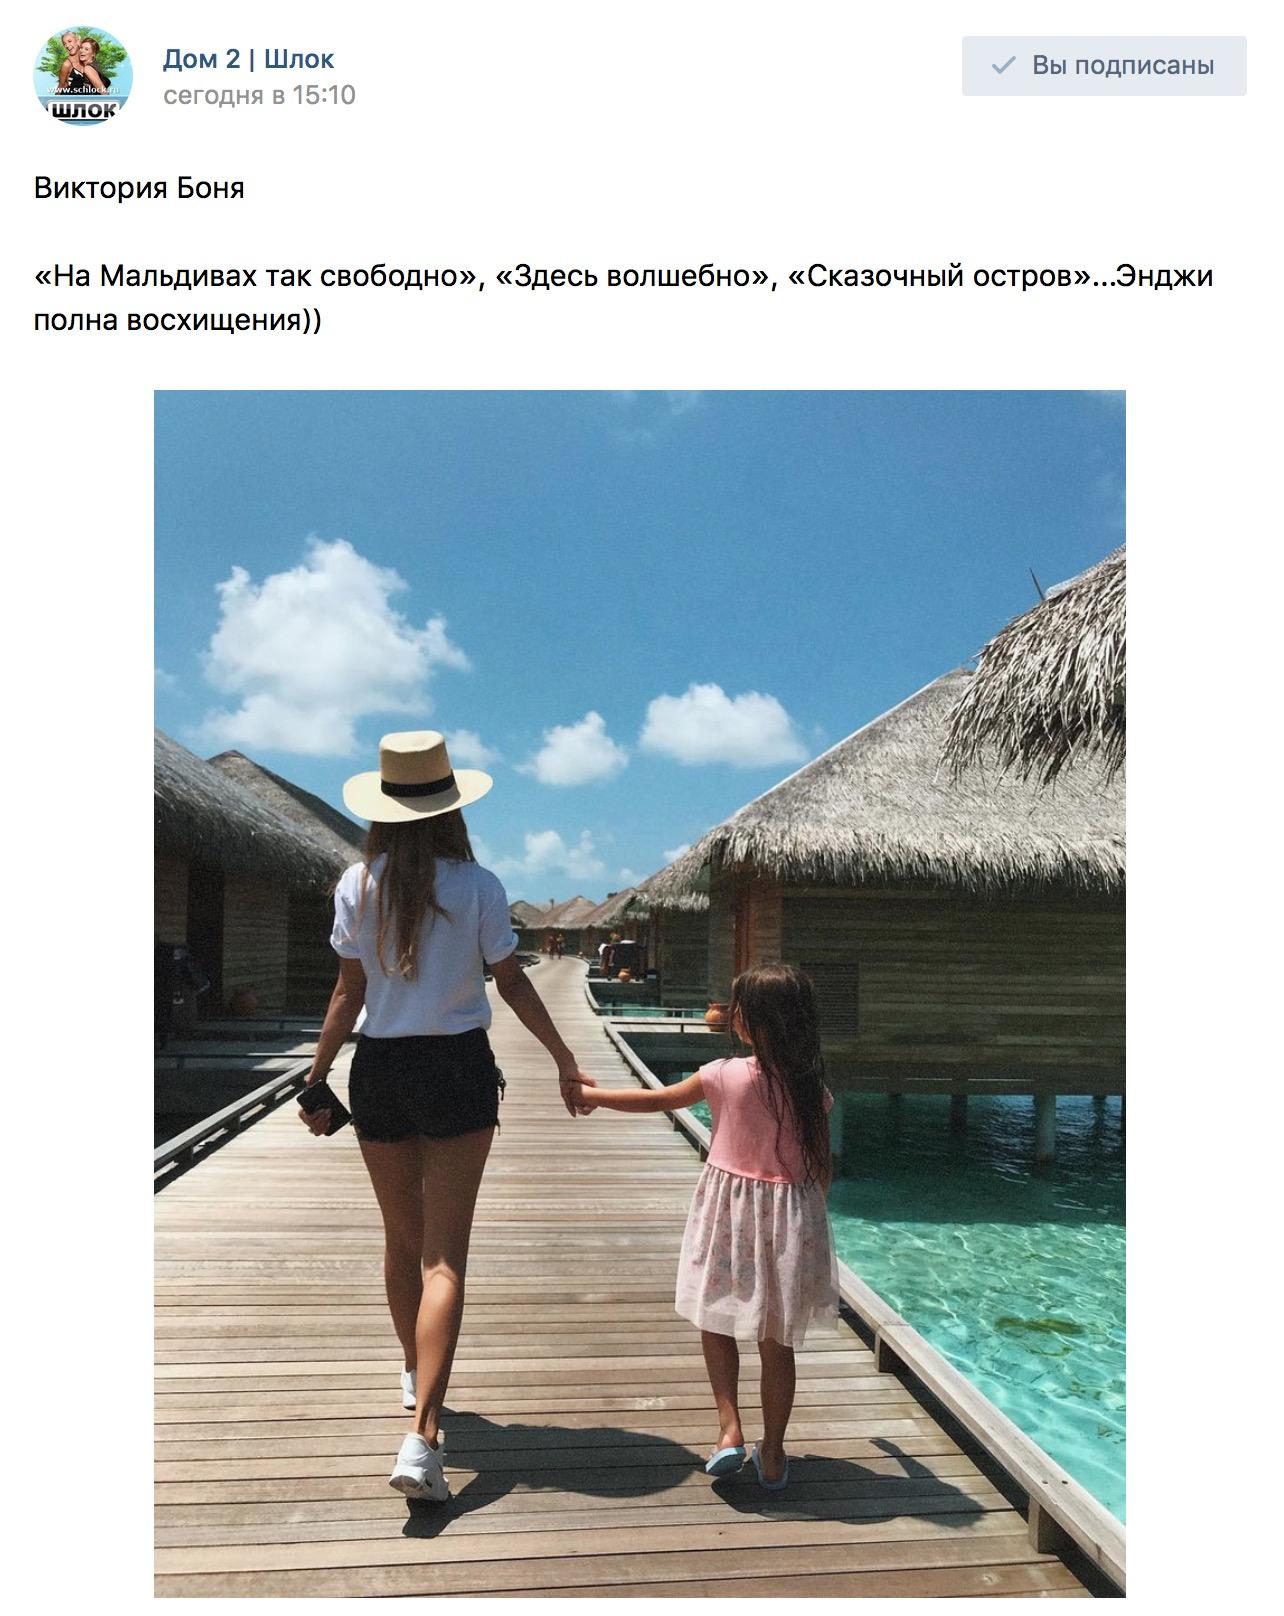 На Мальдивах так свободно